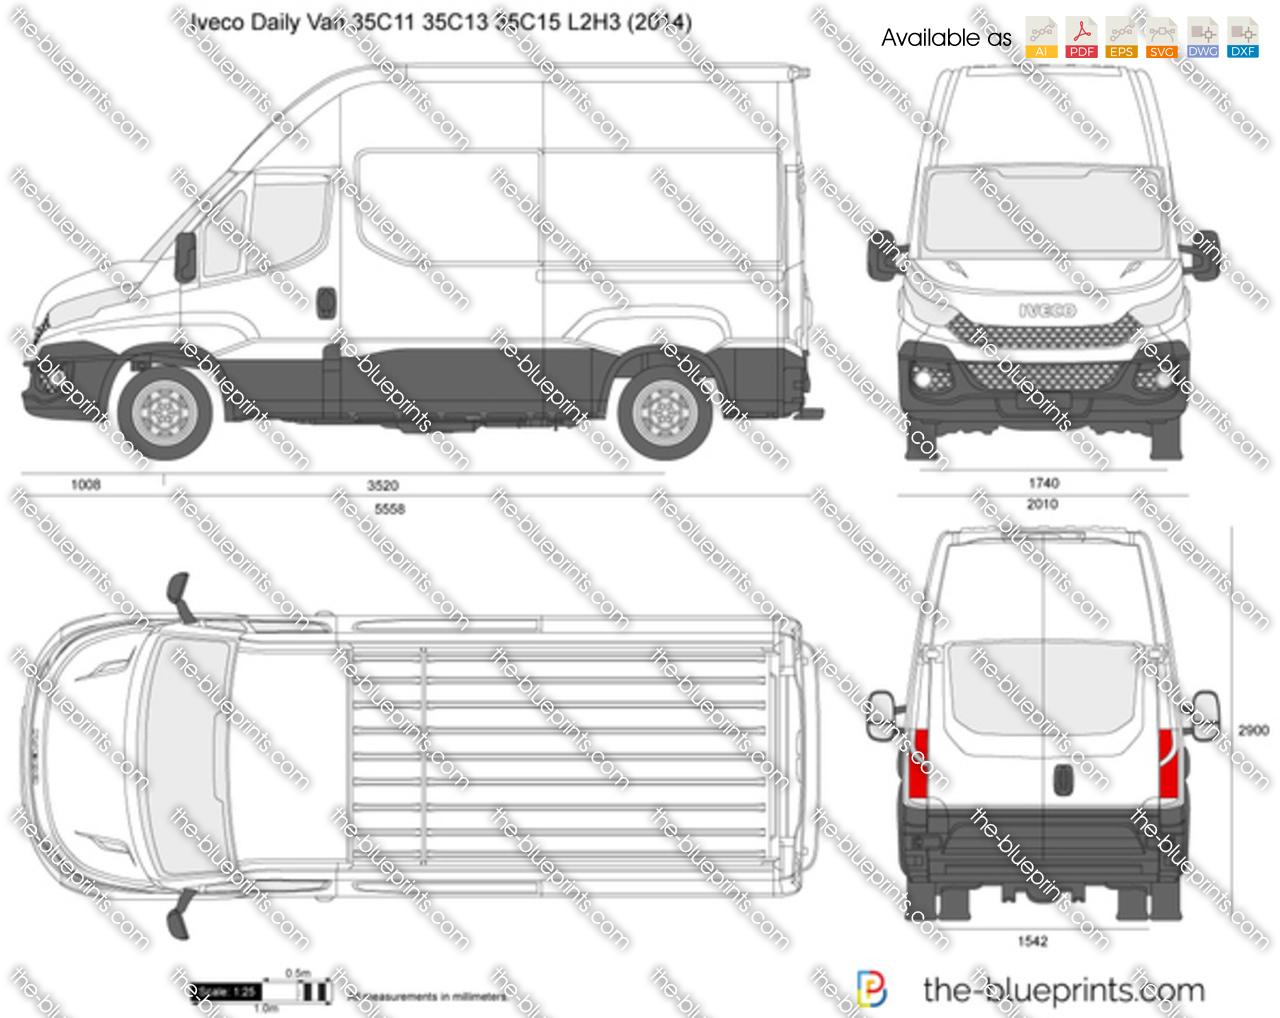 Iveco Daily Van 35C11 35C13 35C15 L2H3 2015